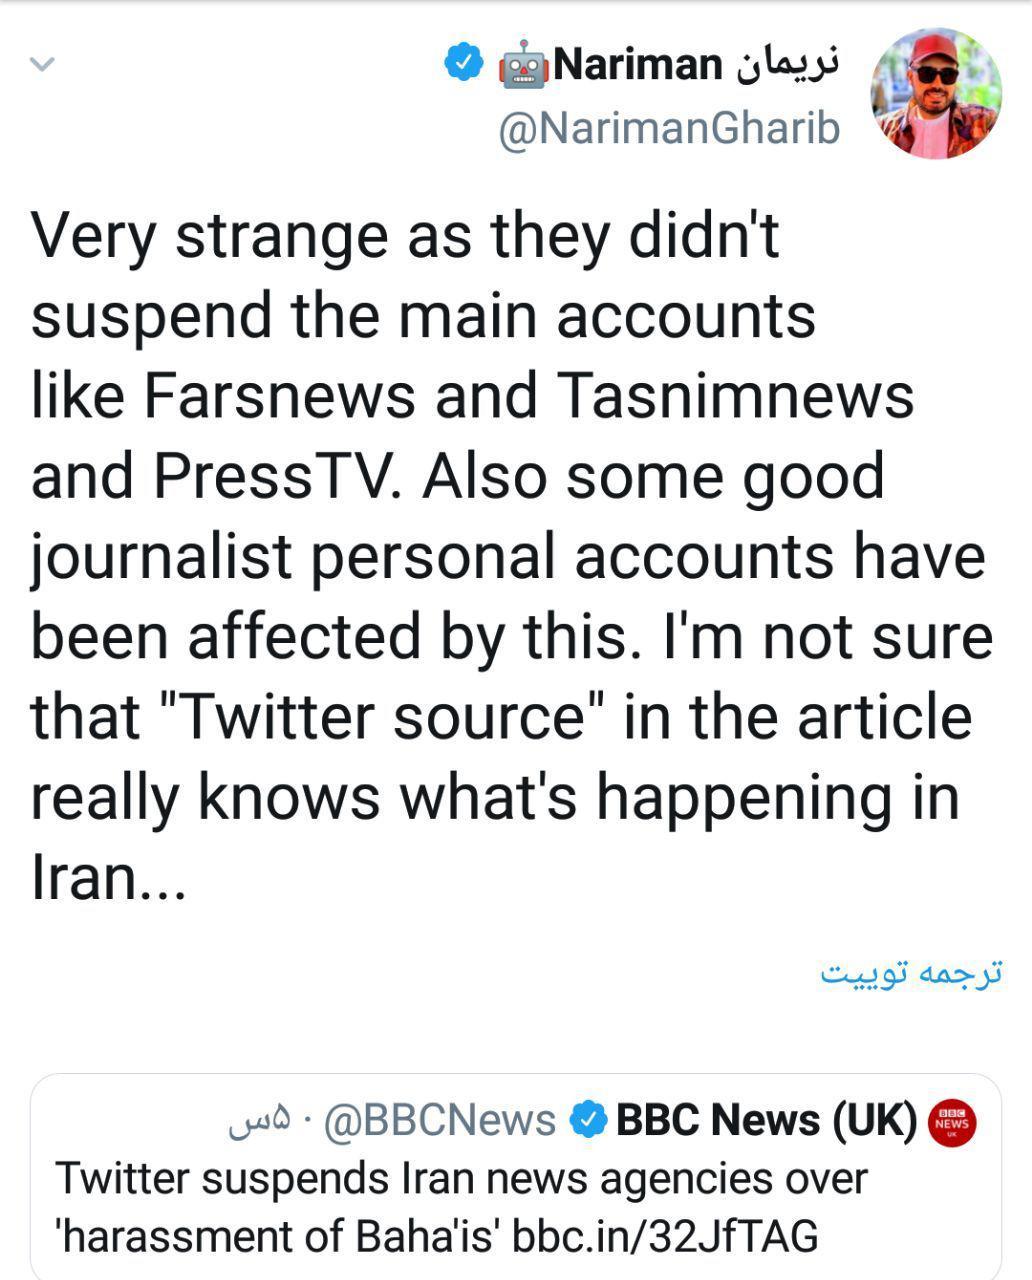 افشای پشت پرده گزارش BBC world درباره مسدود شدن صفحات توییتری انقلابی و آزار واذیت بهاییان